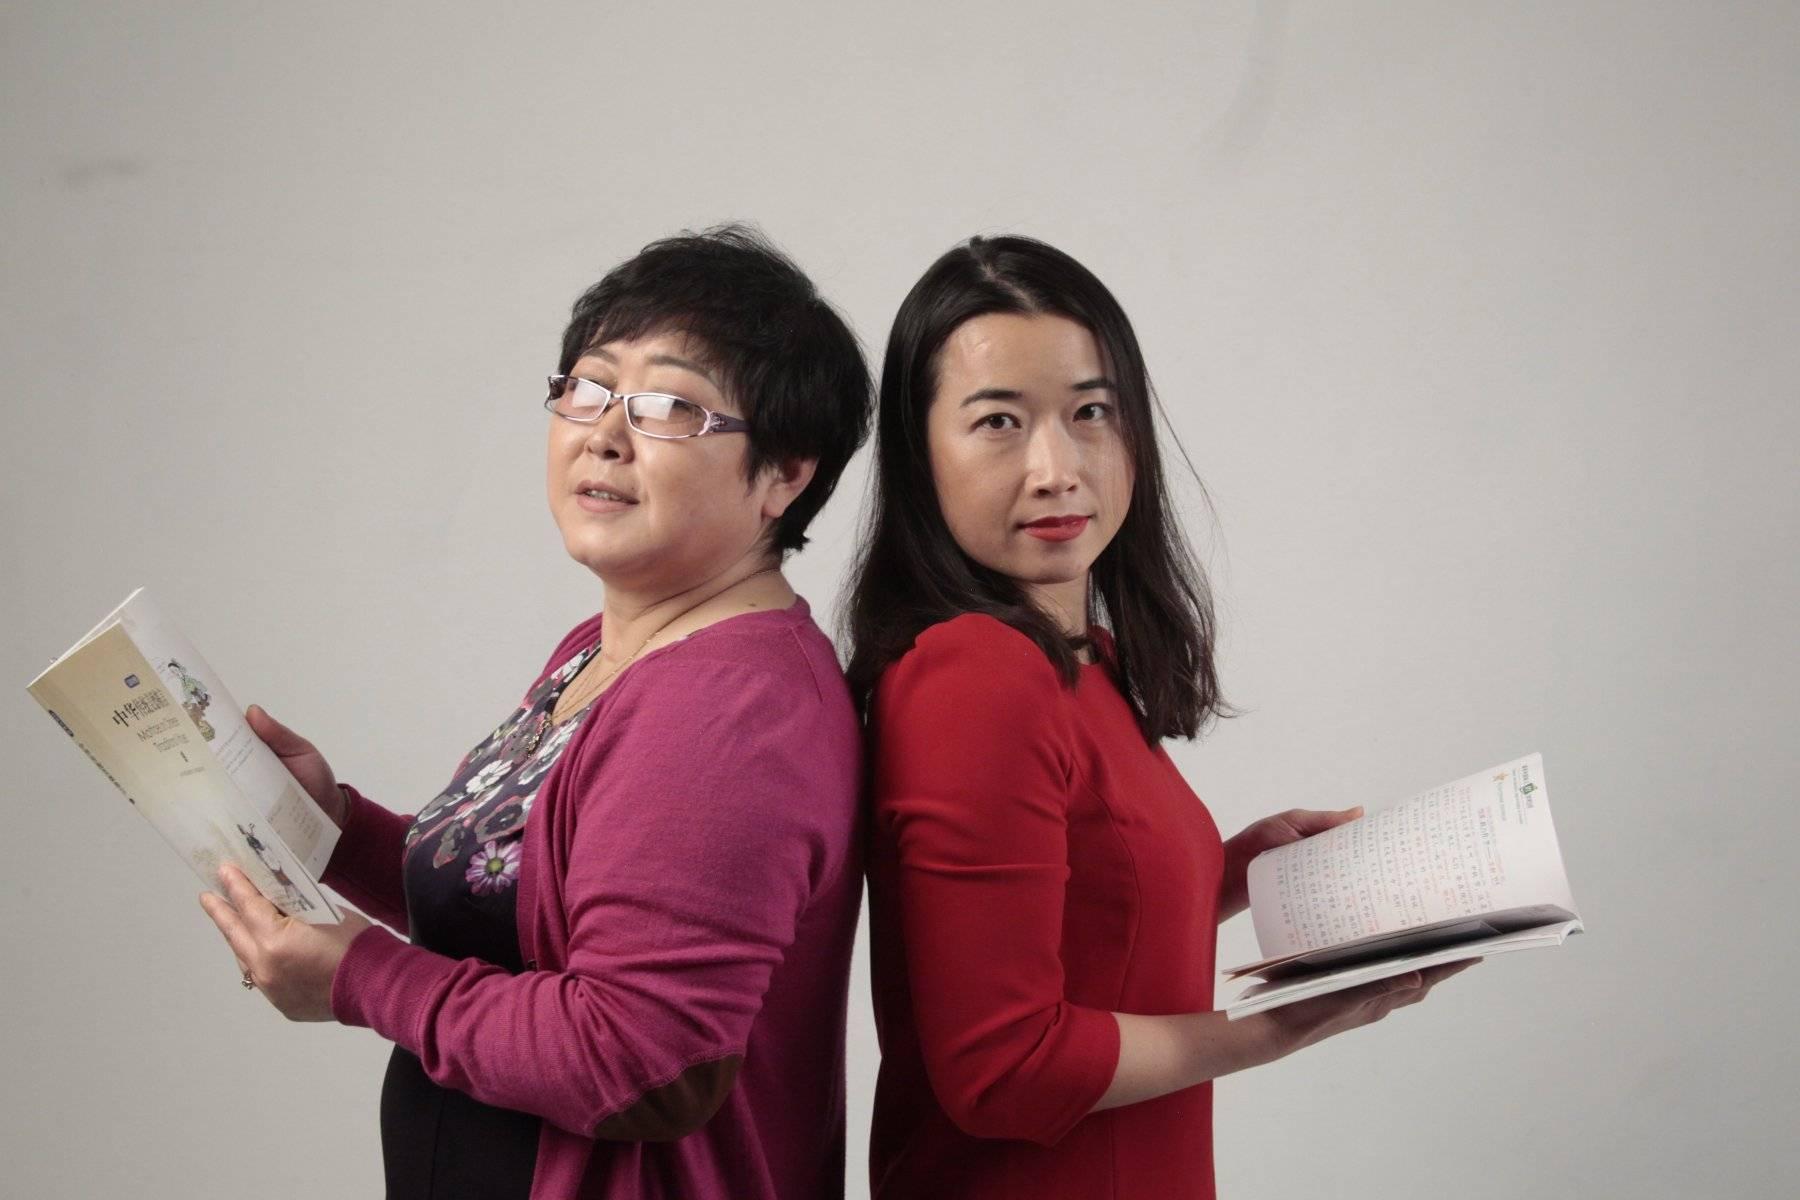 Лучшие университеты китая - рейтинг китайских вузов для иностранных студентов